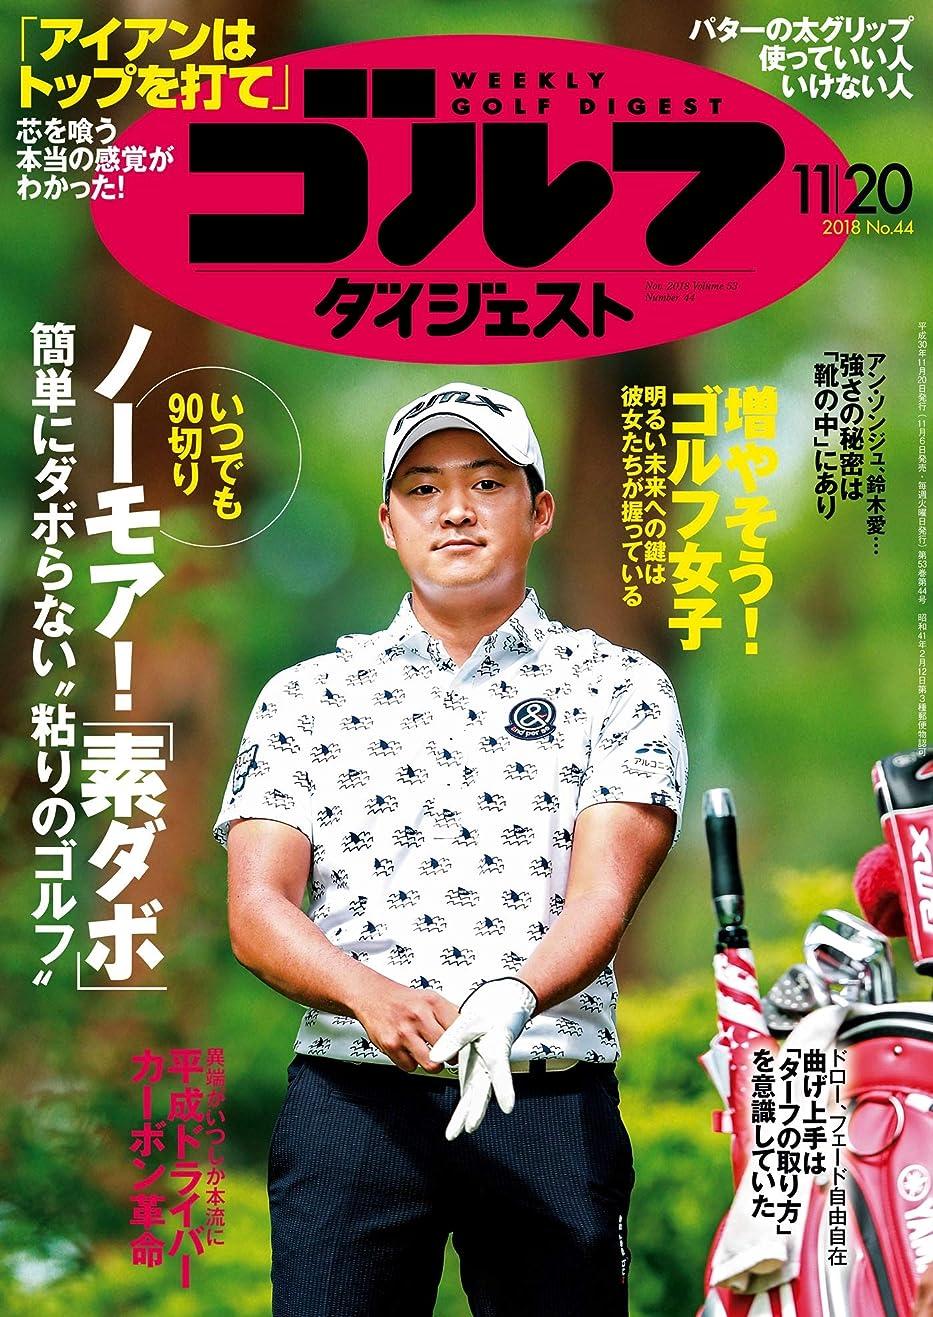 冷笑する有効コカイン週刊ゴルフダイジェスト 2018年 11/20号 [雑誌]